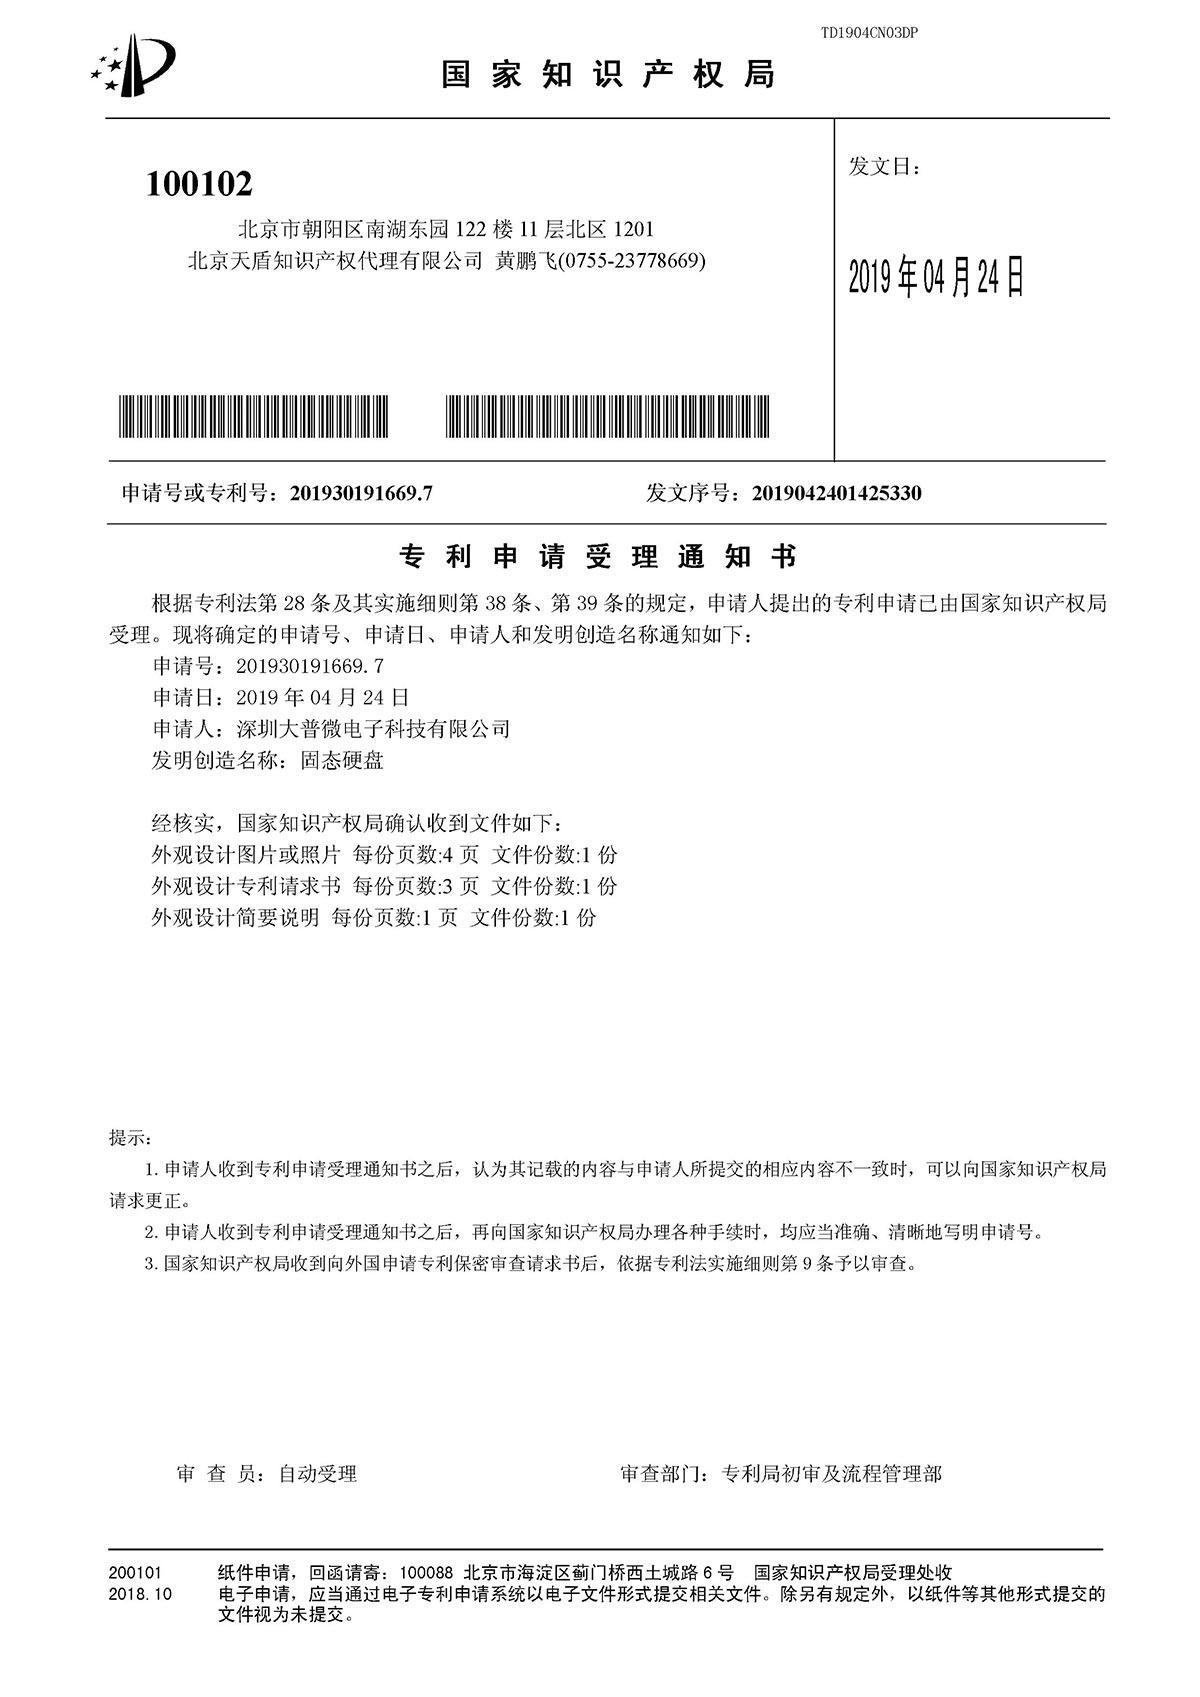 DCN3-19013 固态硬盘外观 受理